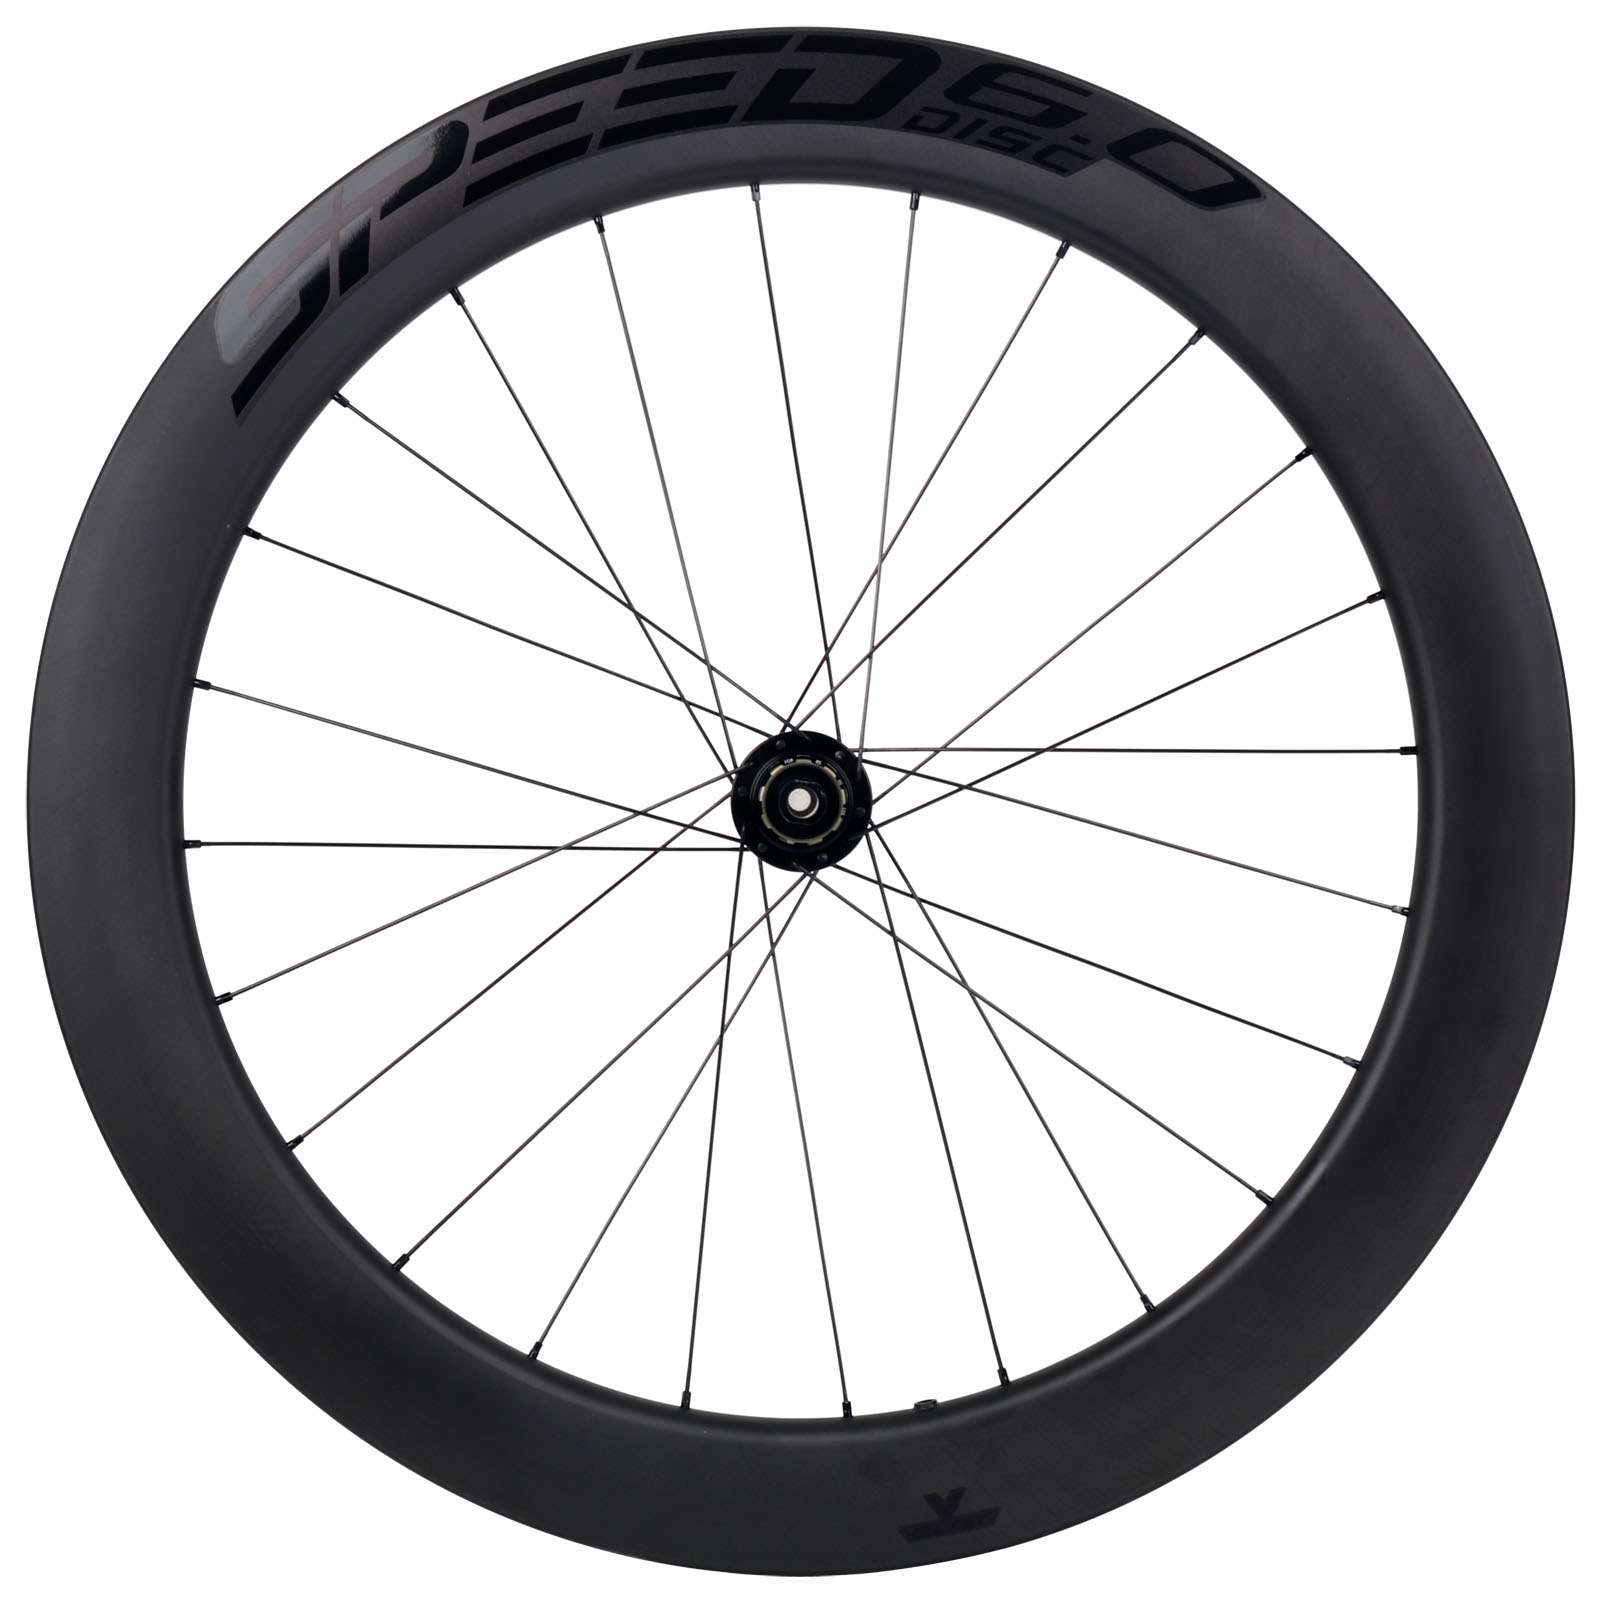 Veltec Speed 6.0 Disc Carbon Hinterrad - Drahtreifen - 12x142mm - schwarz mit schwarzen Decals